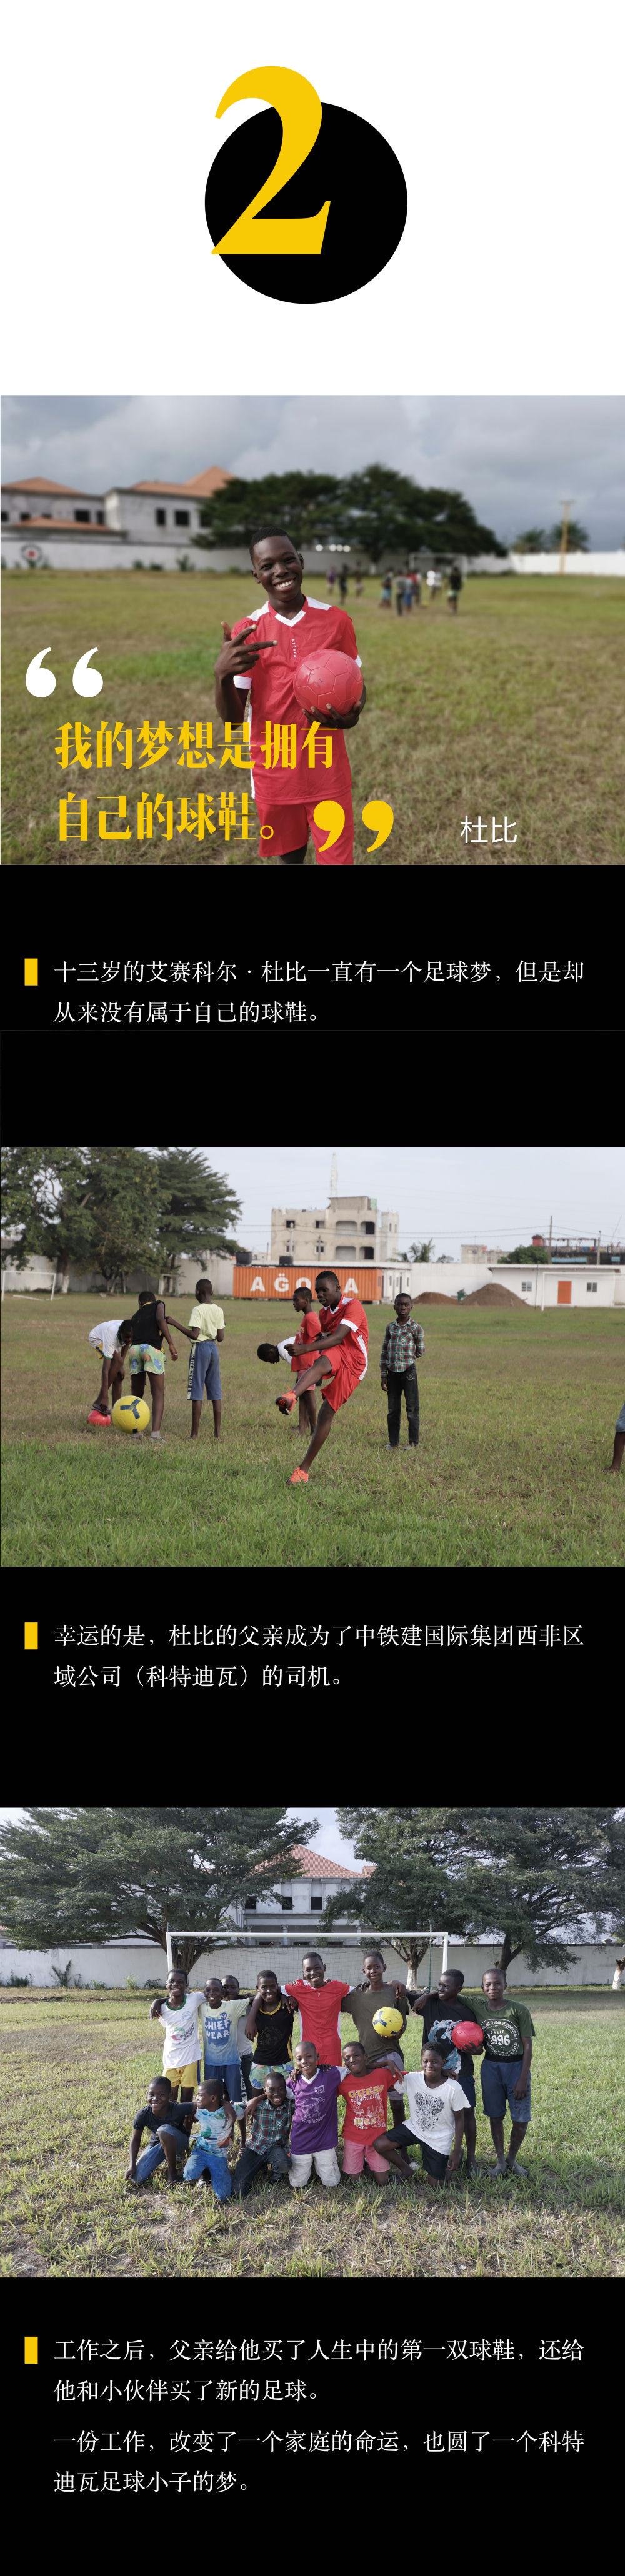 电银付app使用教程(dianyinzhifu.com):我有一个梦想--非洲孩子们的小小心愿与单纯笑容 第2张